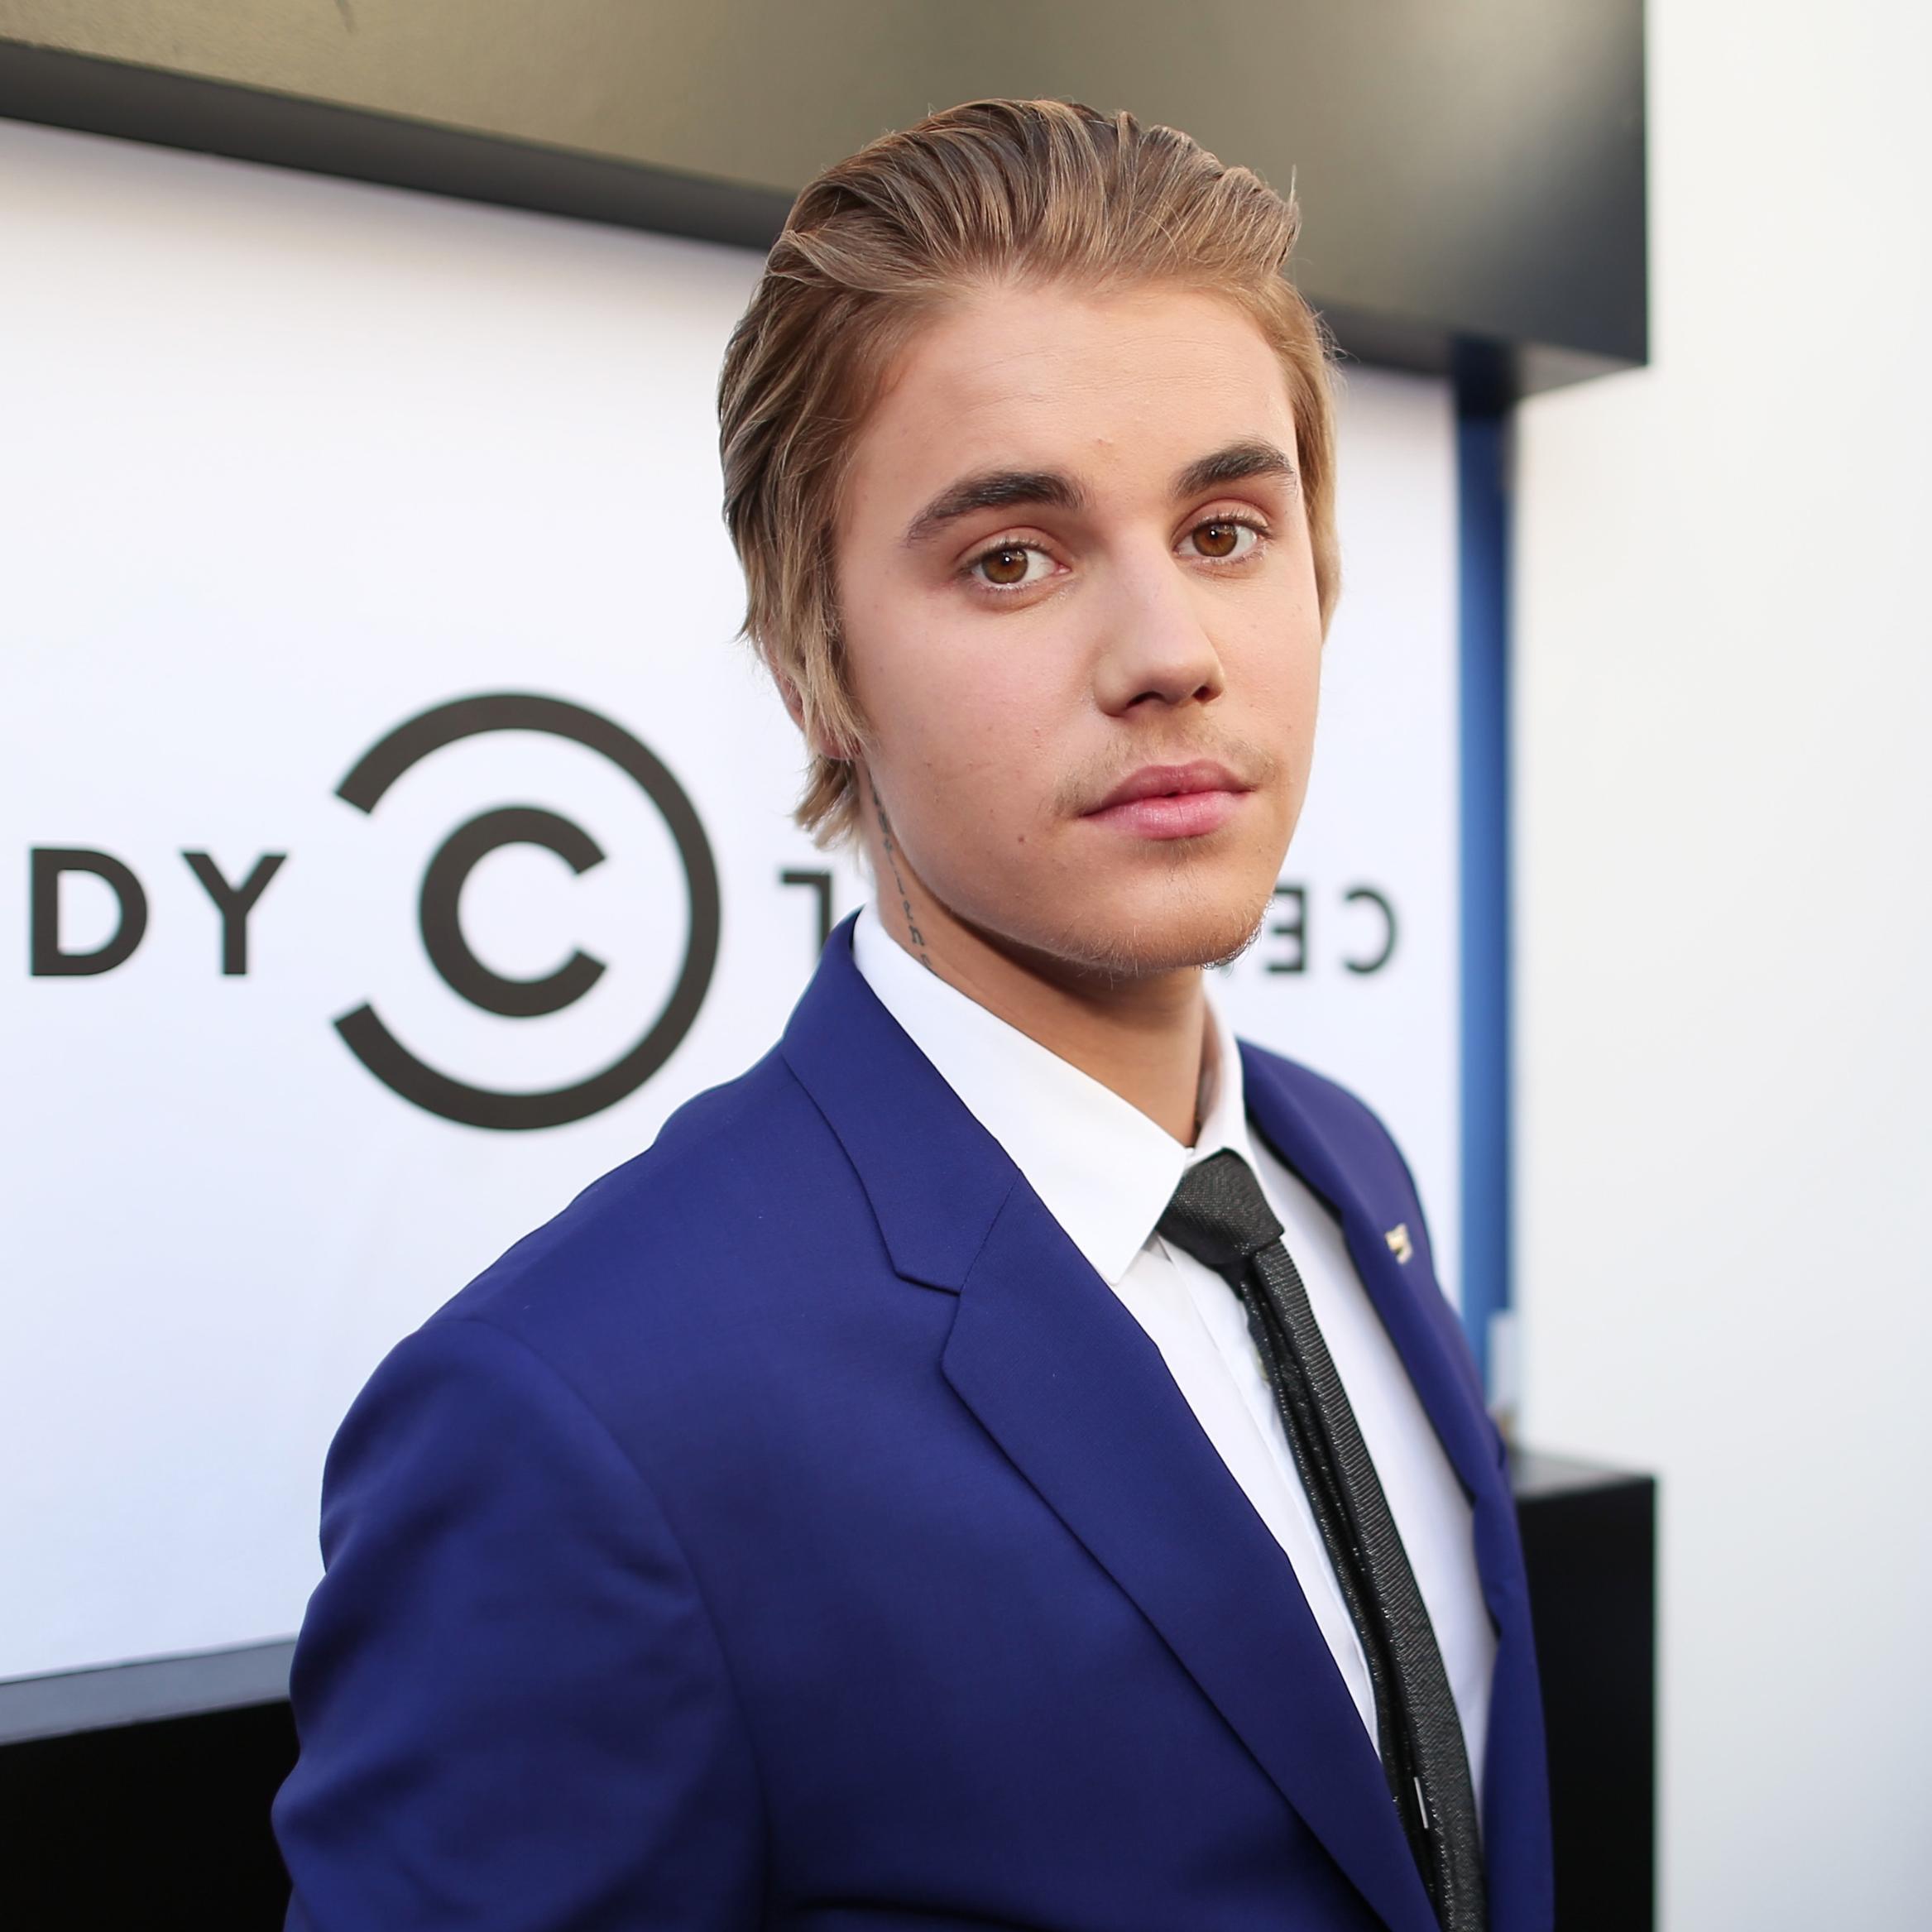 Singer Justin Bieber - age: 23